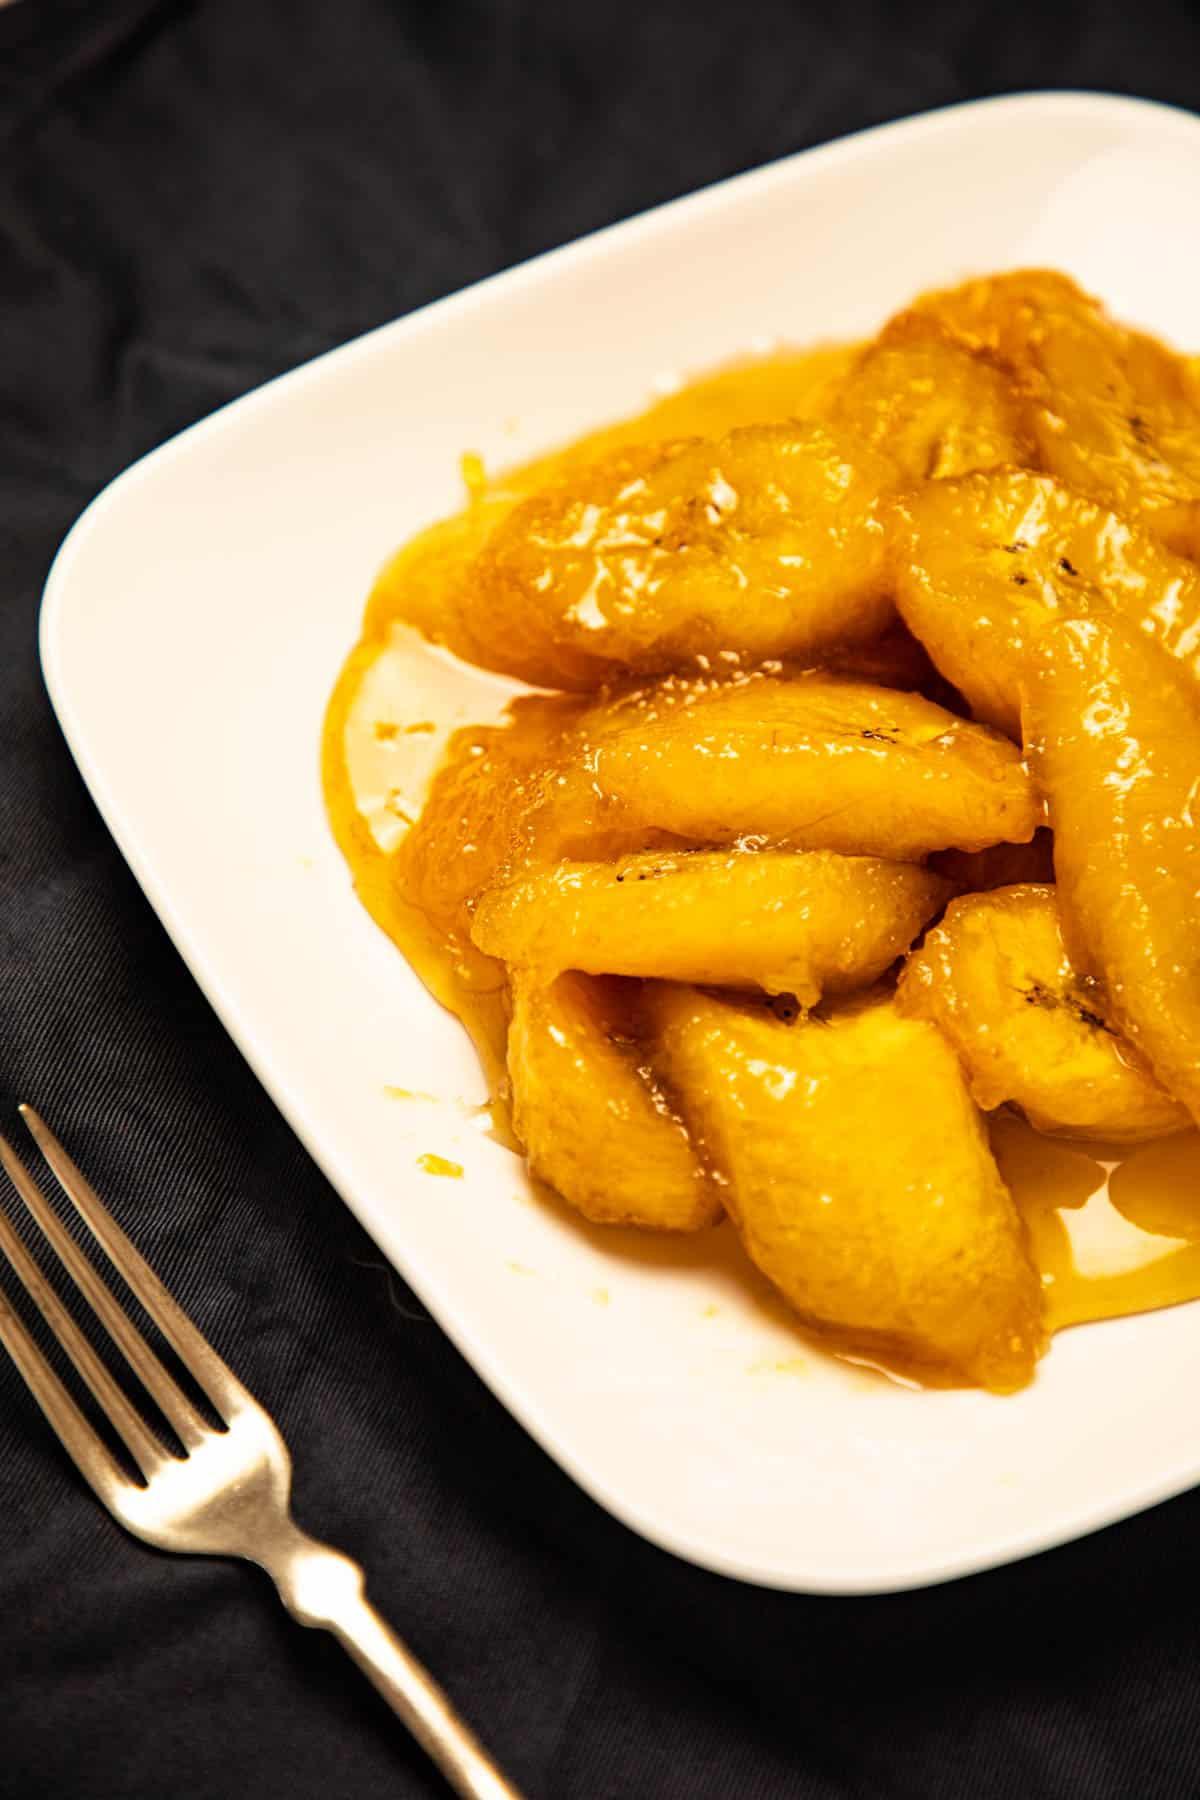 Plantain Banana in Syrup via @seasiderecipes